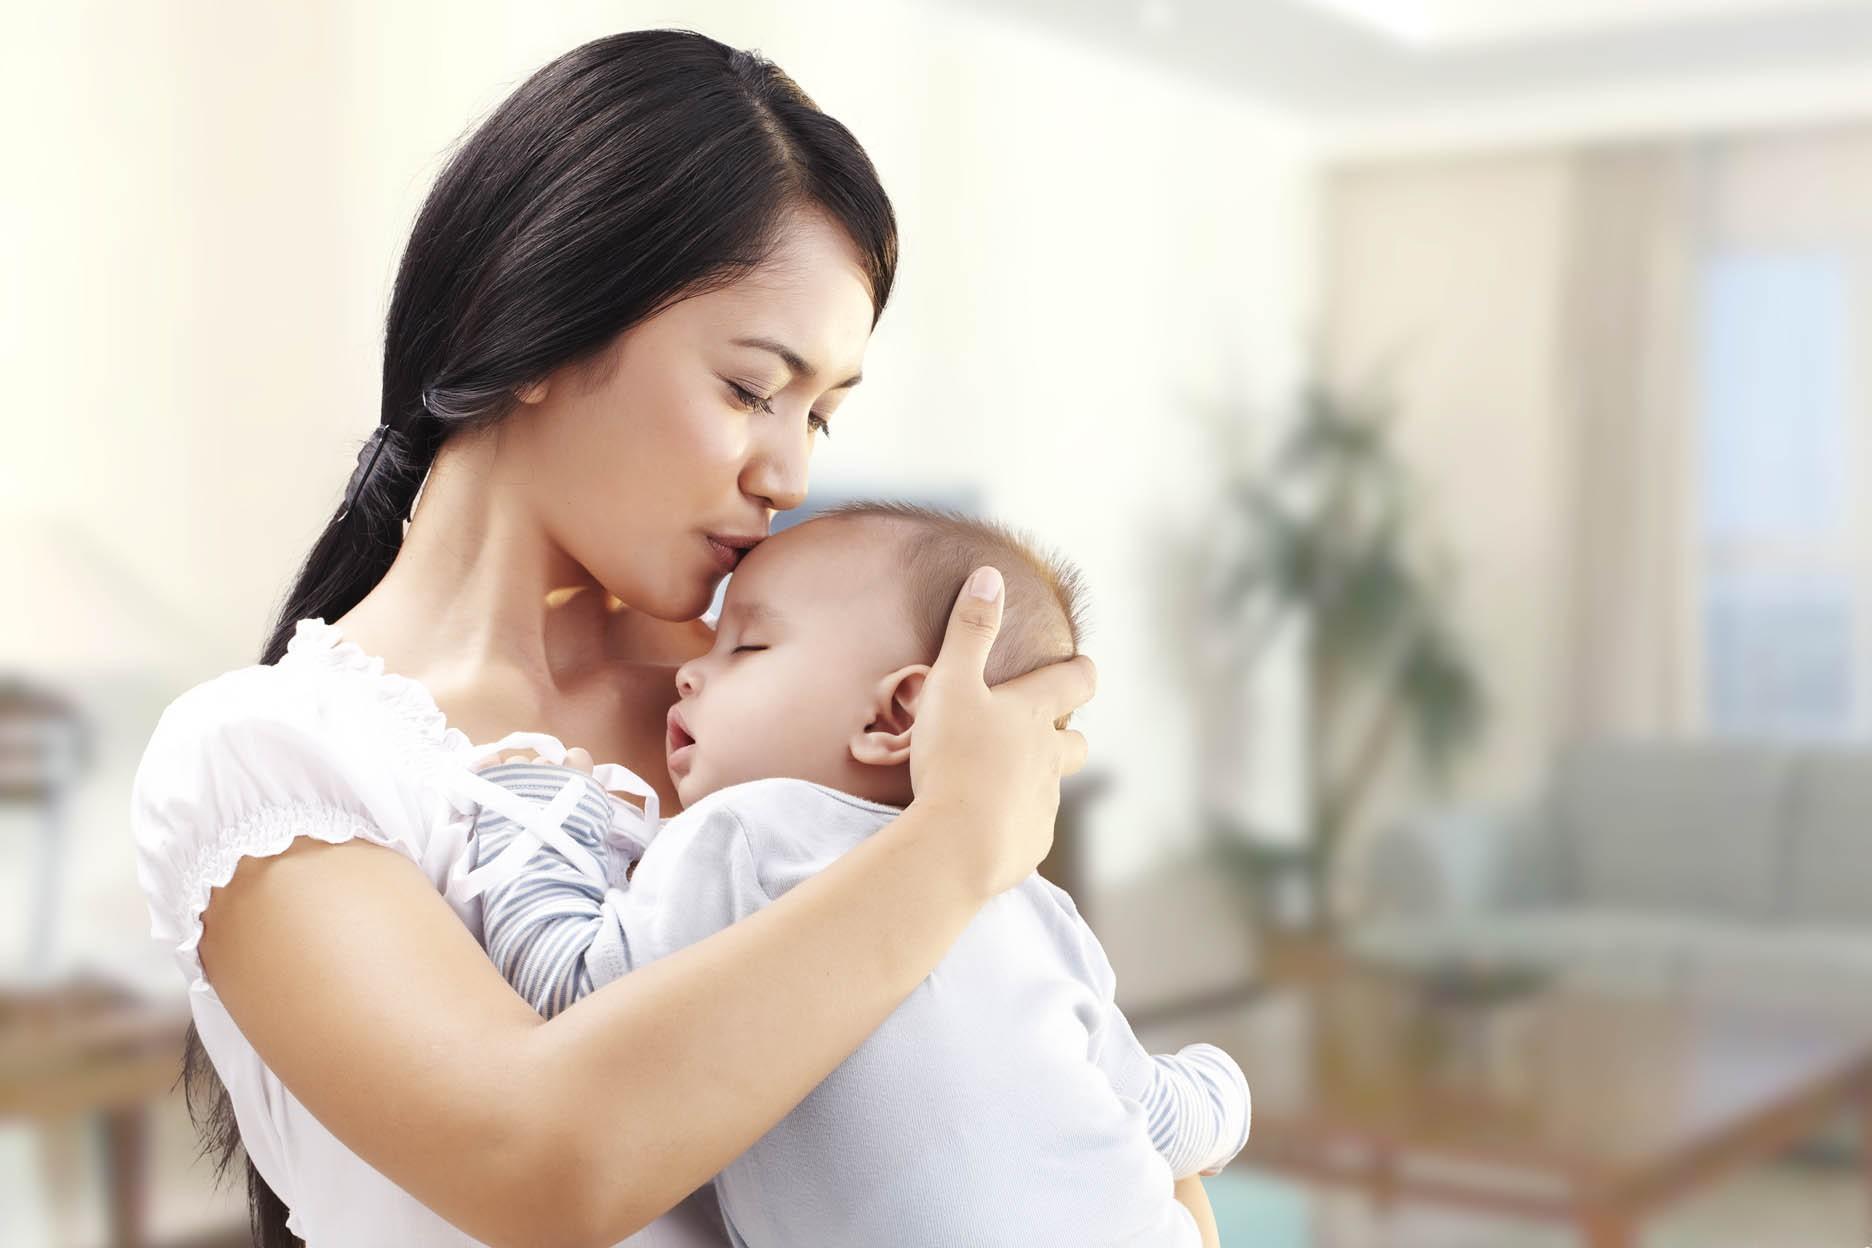 Những sai lầm cực kỳ nguy hiểm mà các mẹ hay mắc phải khi chăm trẻ sơ sinh - Ảnh 2.